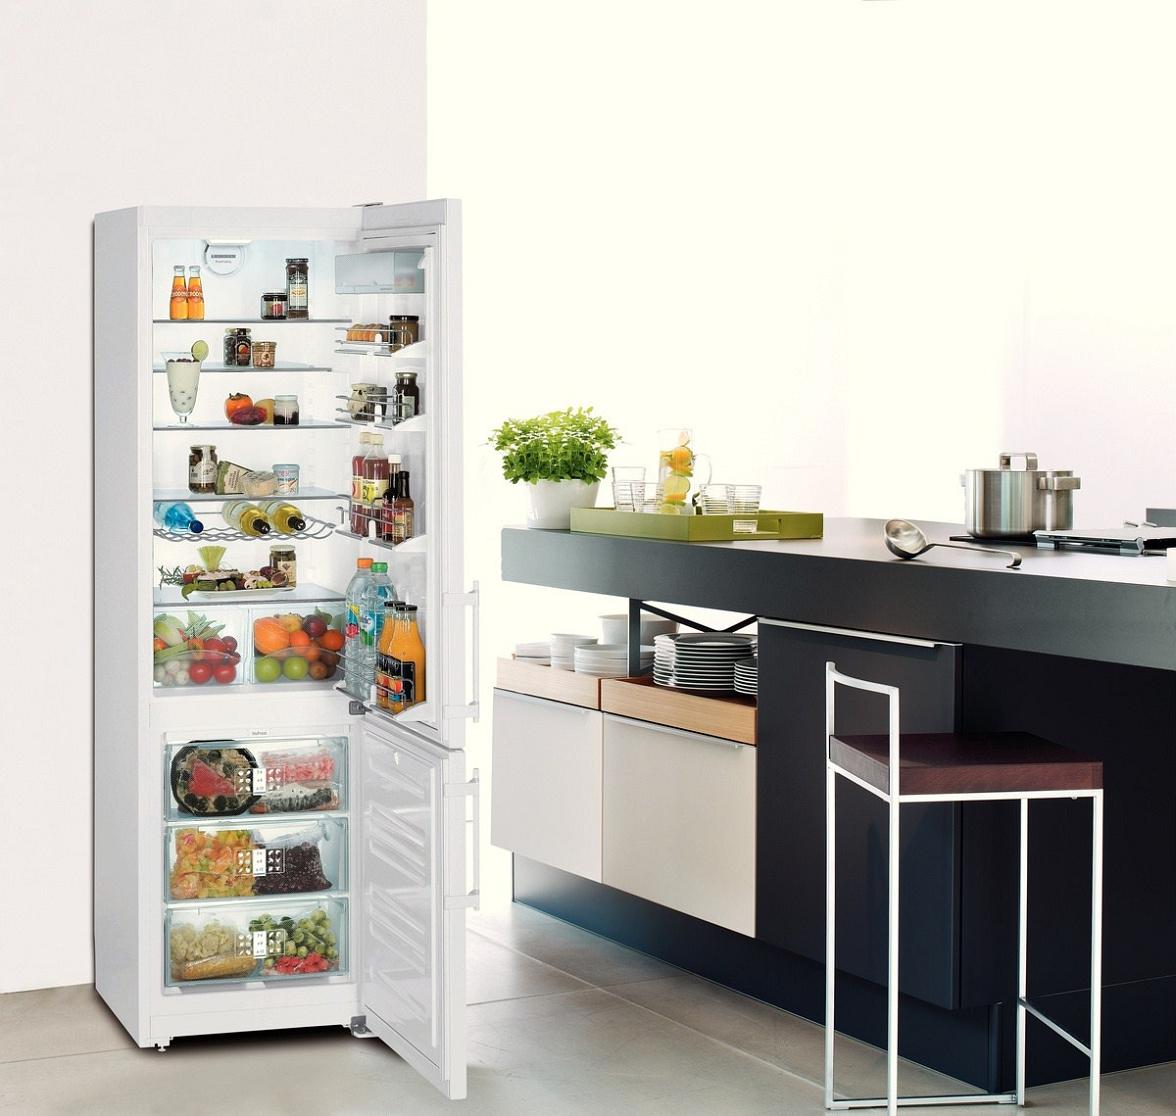 купить Двухкамерный холодильник Liebherr CNP 4056 Украина фото 2